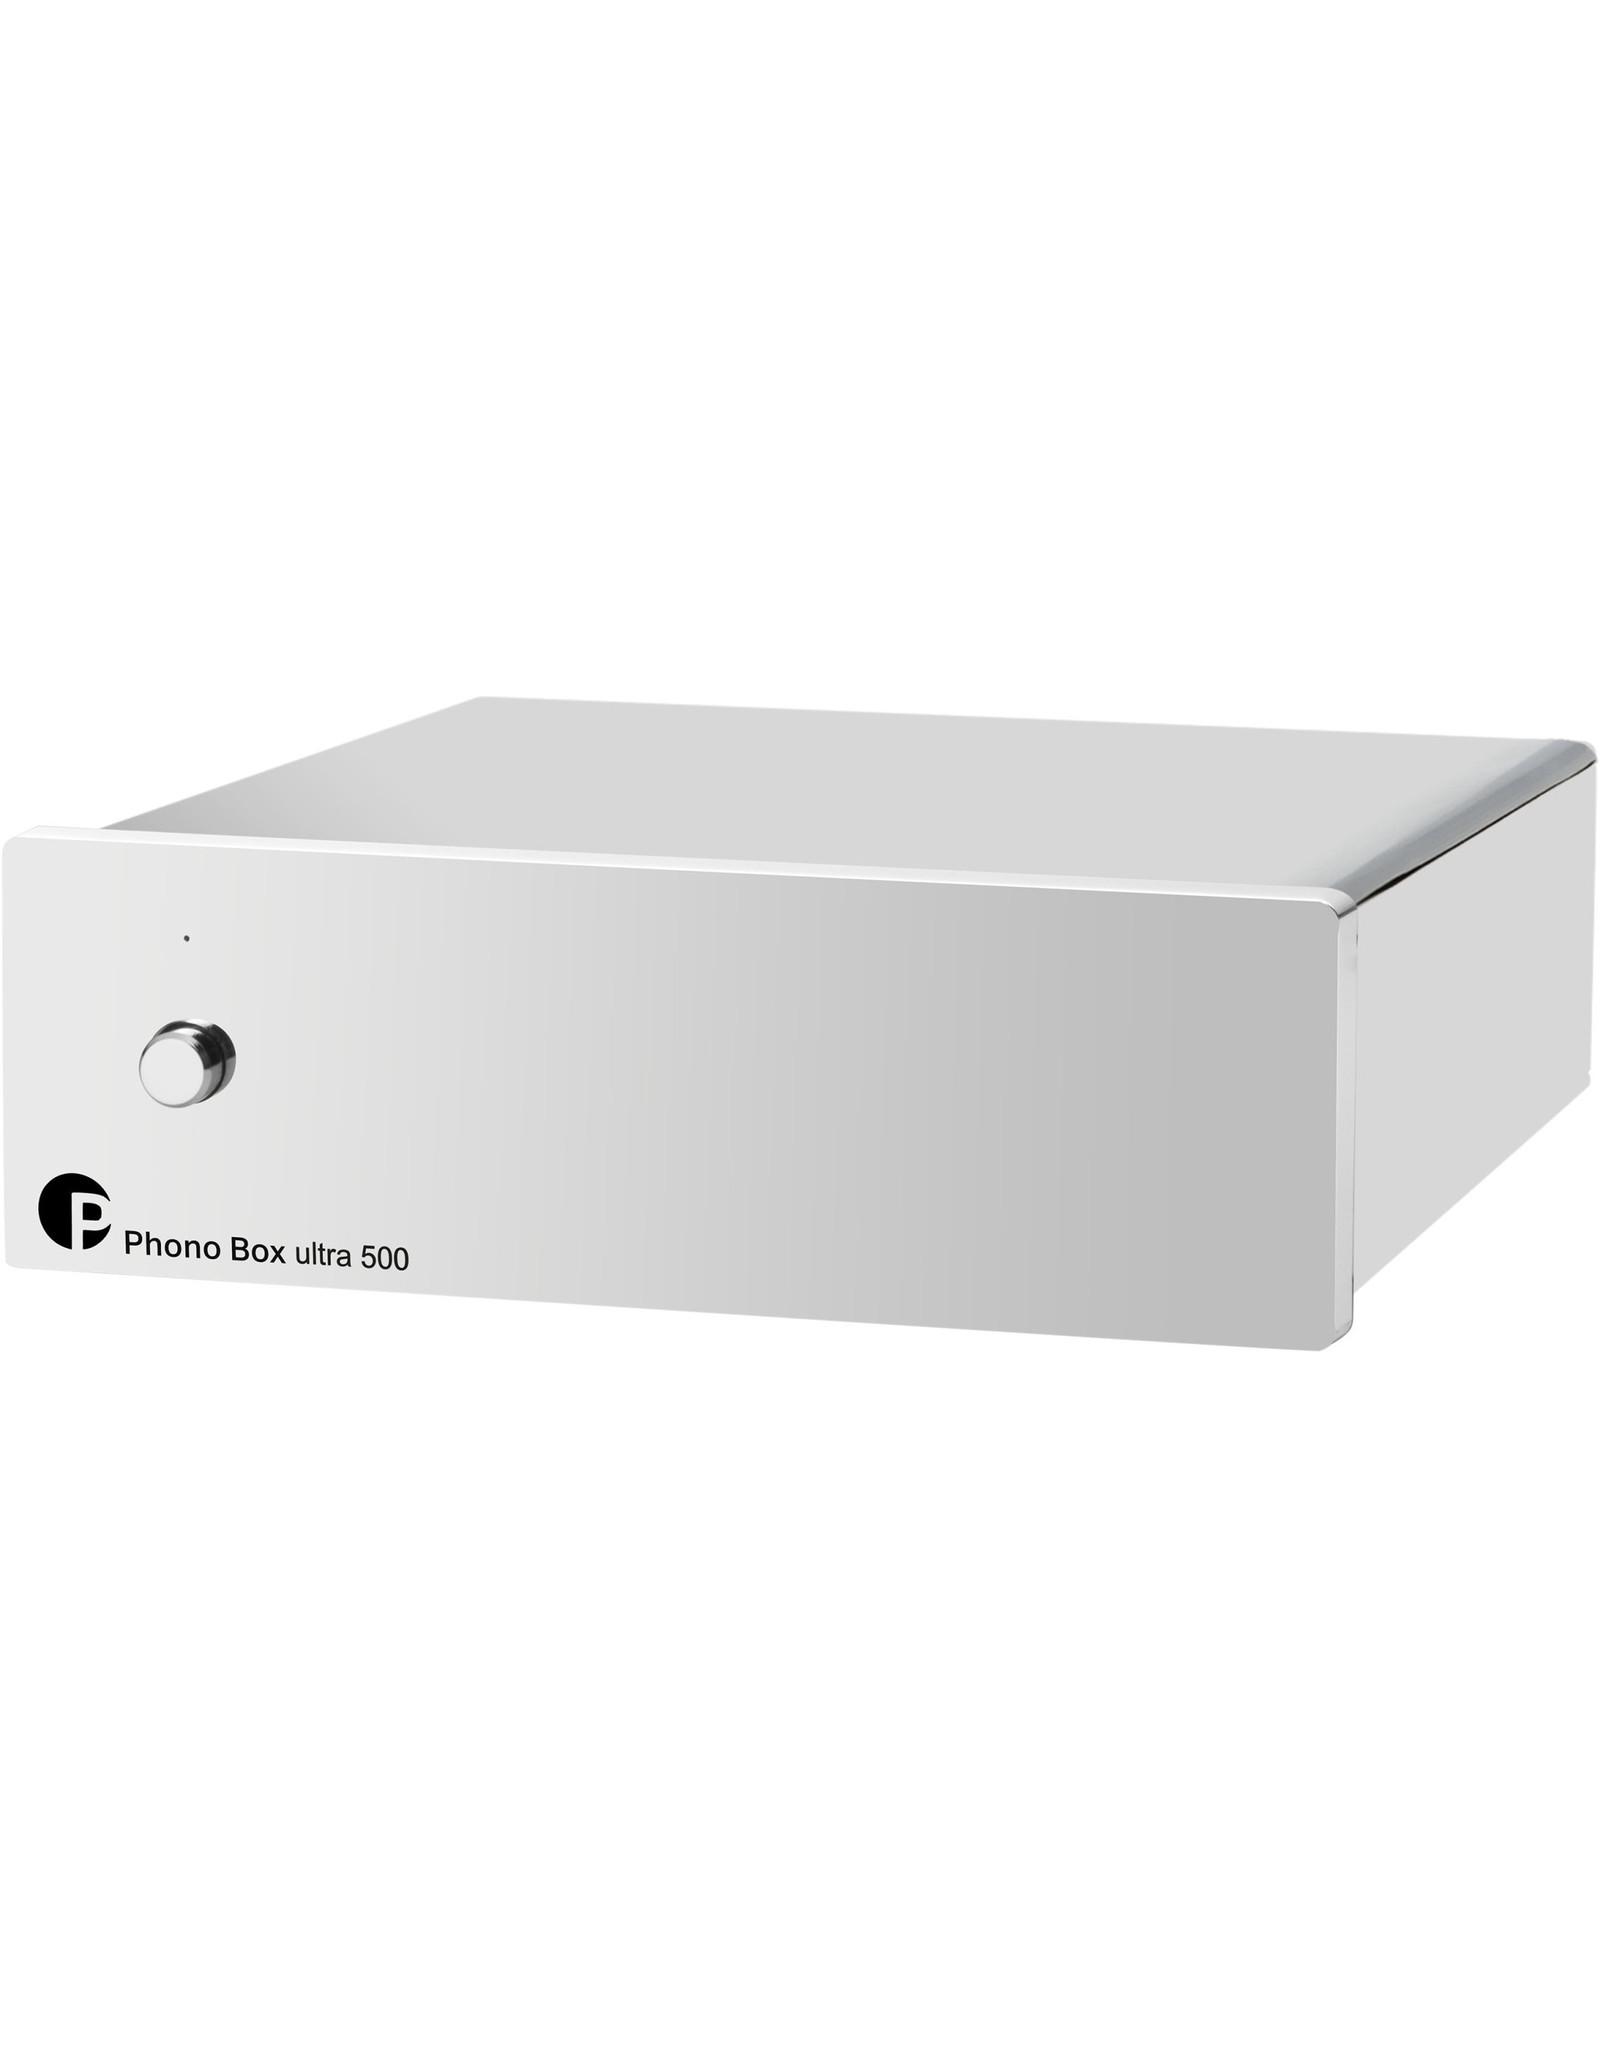 Pro-Ject Pro-Ject Phono Box Ultra 500 MM/MC Phono Preamp Chrome^